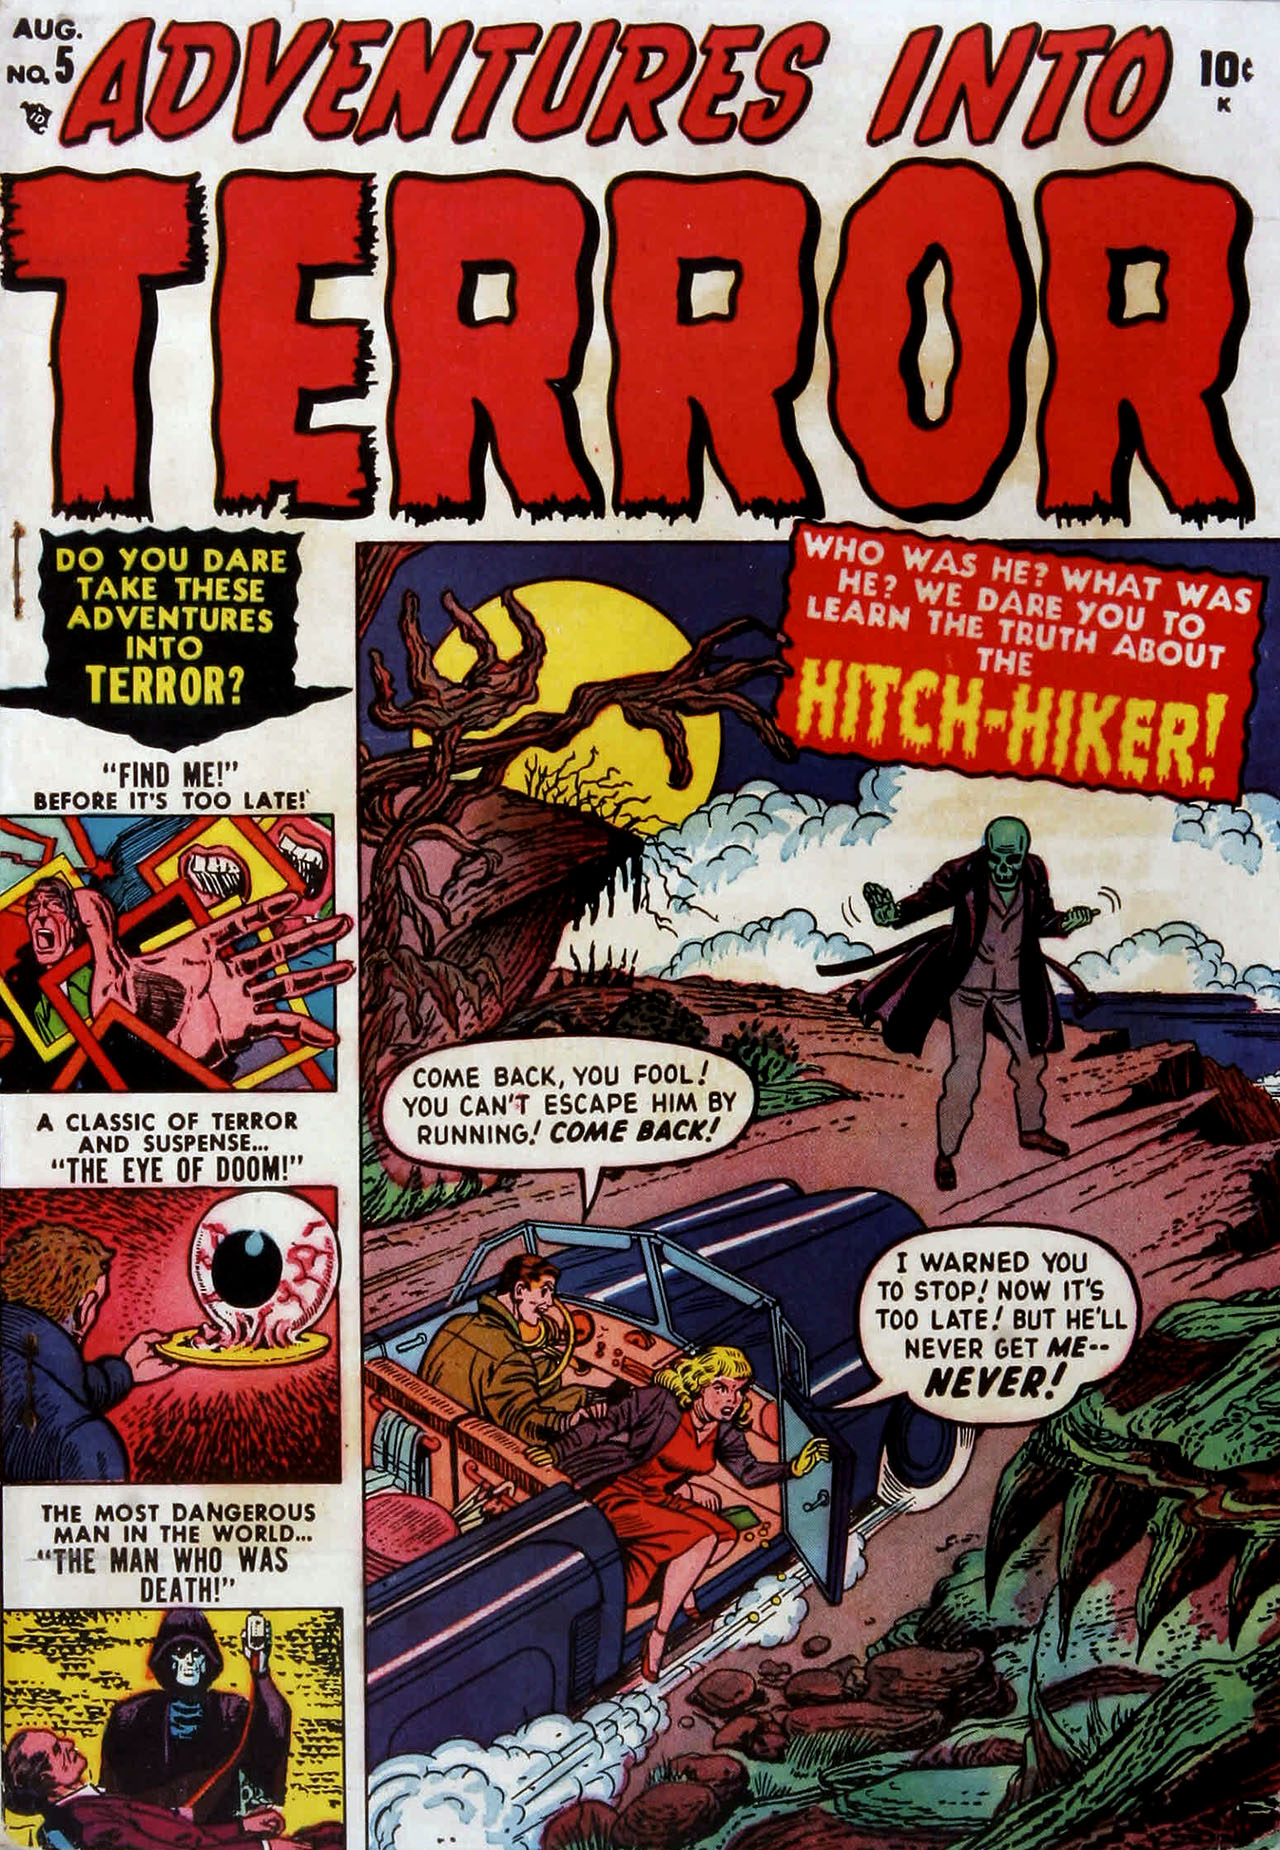 Adventures into Terror 5 Page 1